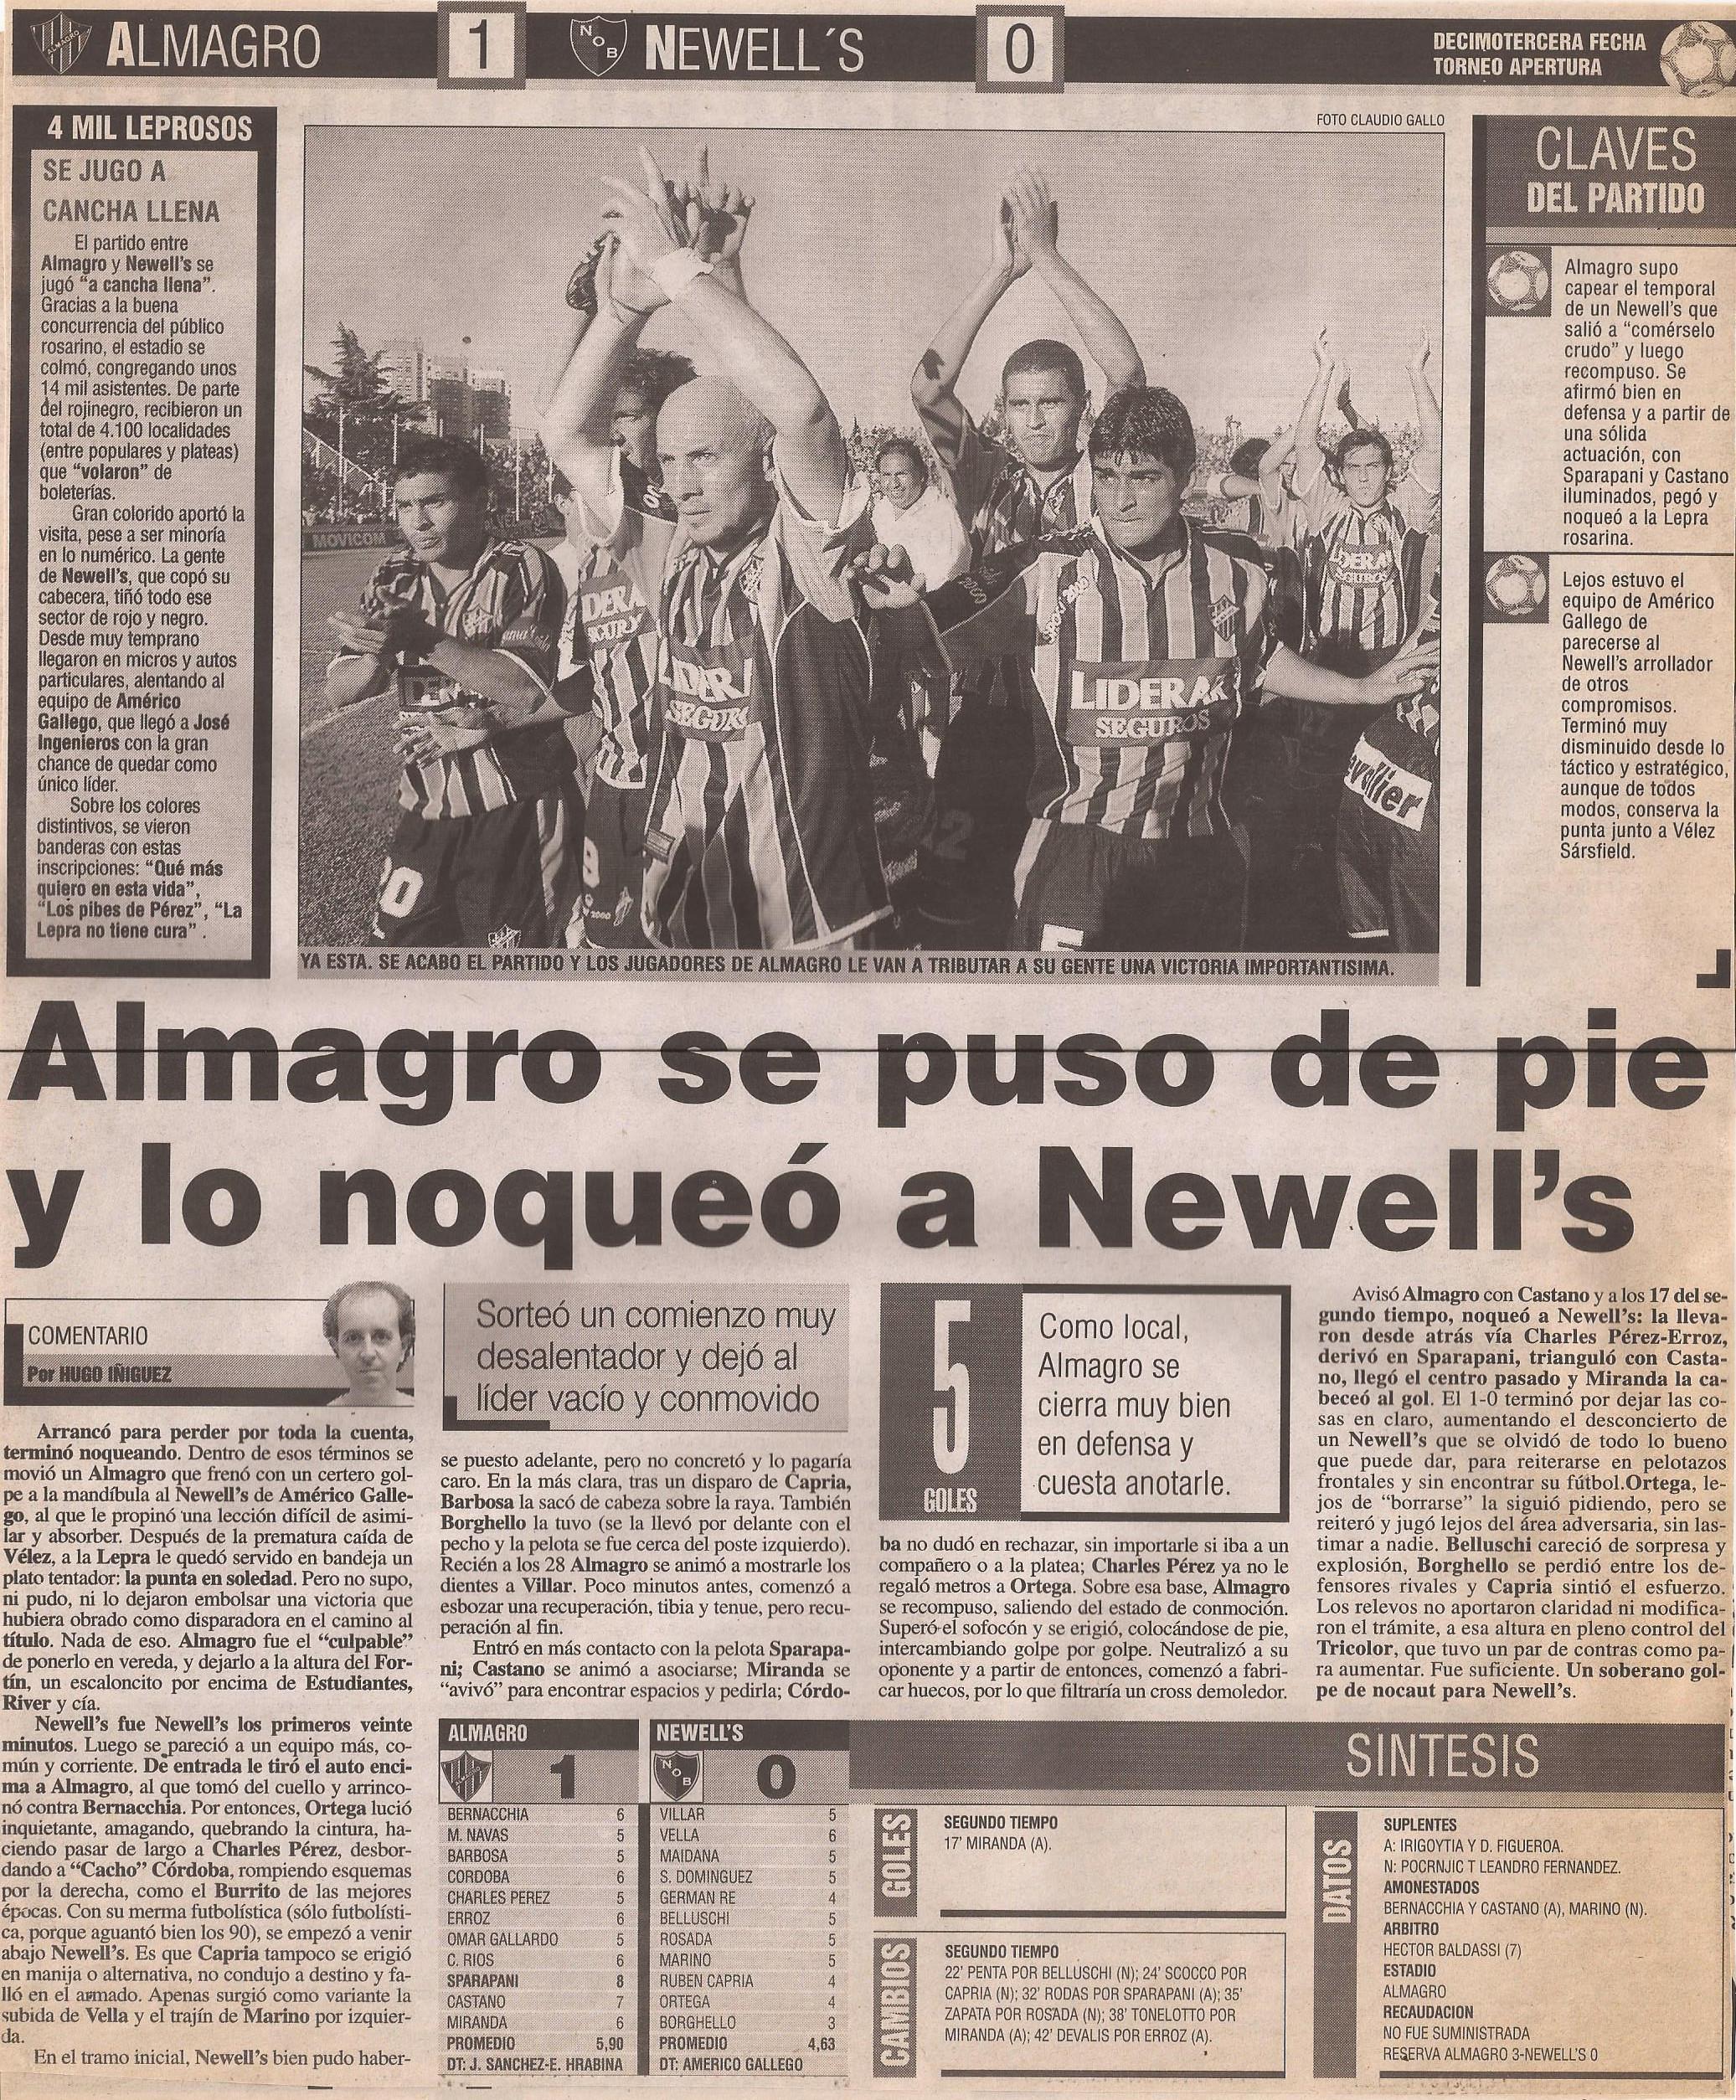 2004-05 Primera Division - Almagro vs Newells - Diario Popular